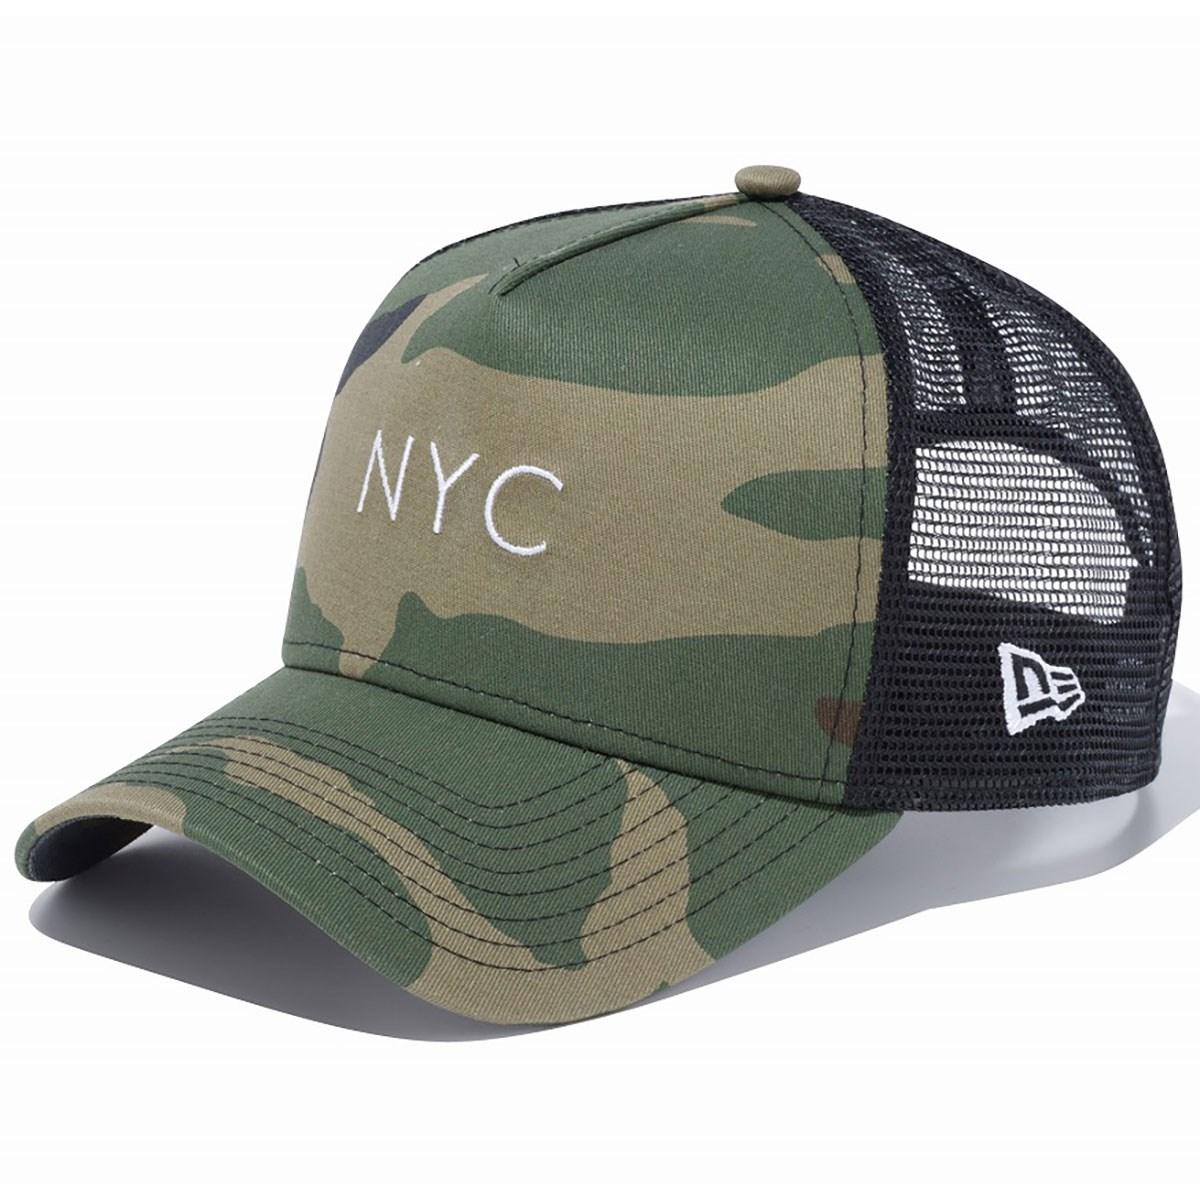 ニューエラ 940AF NYC MID キャップ